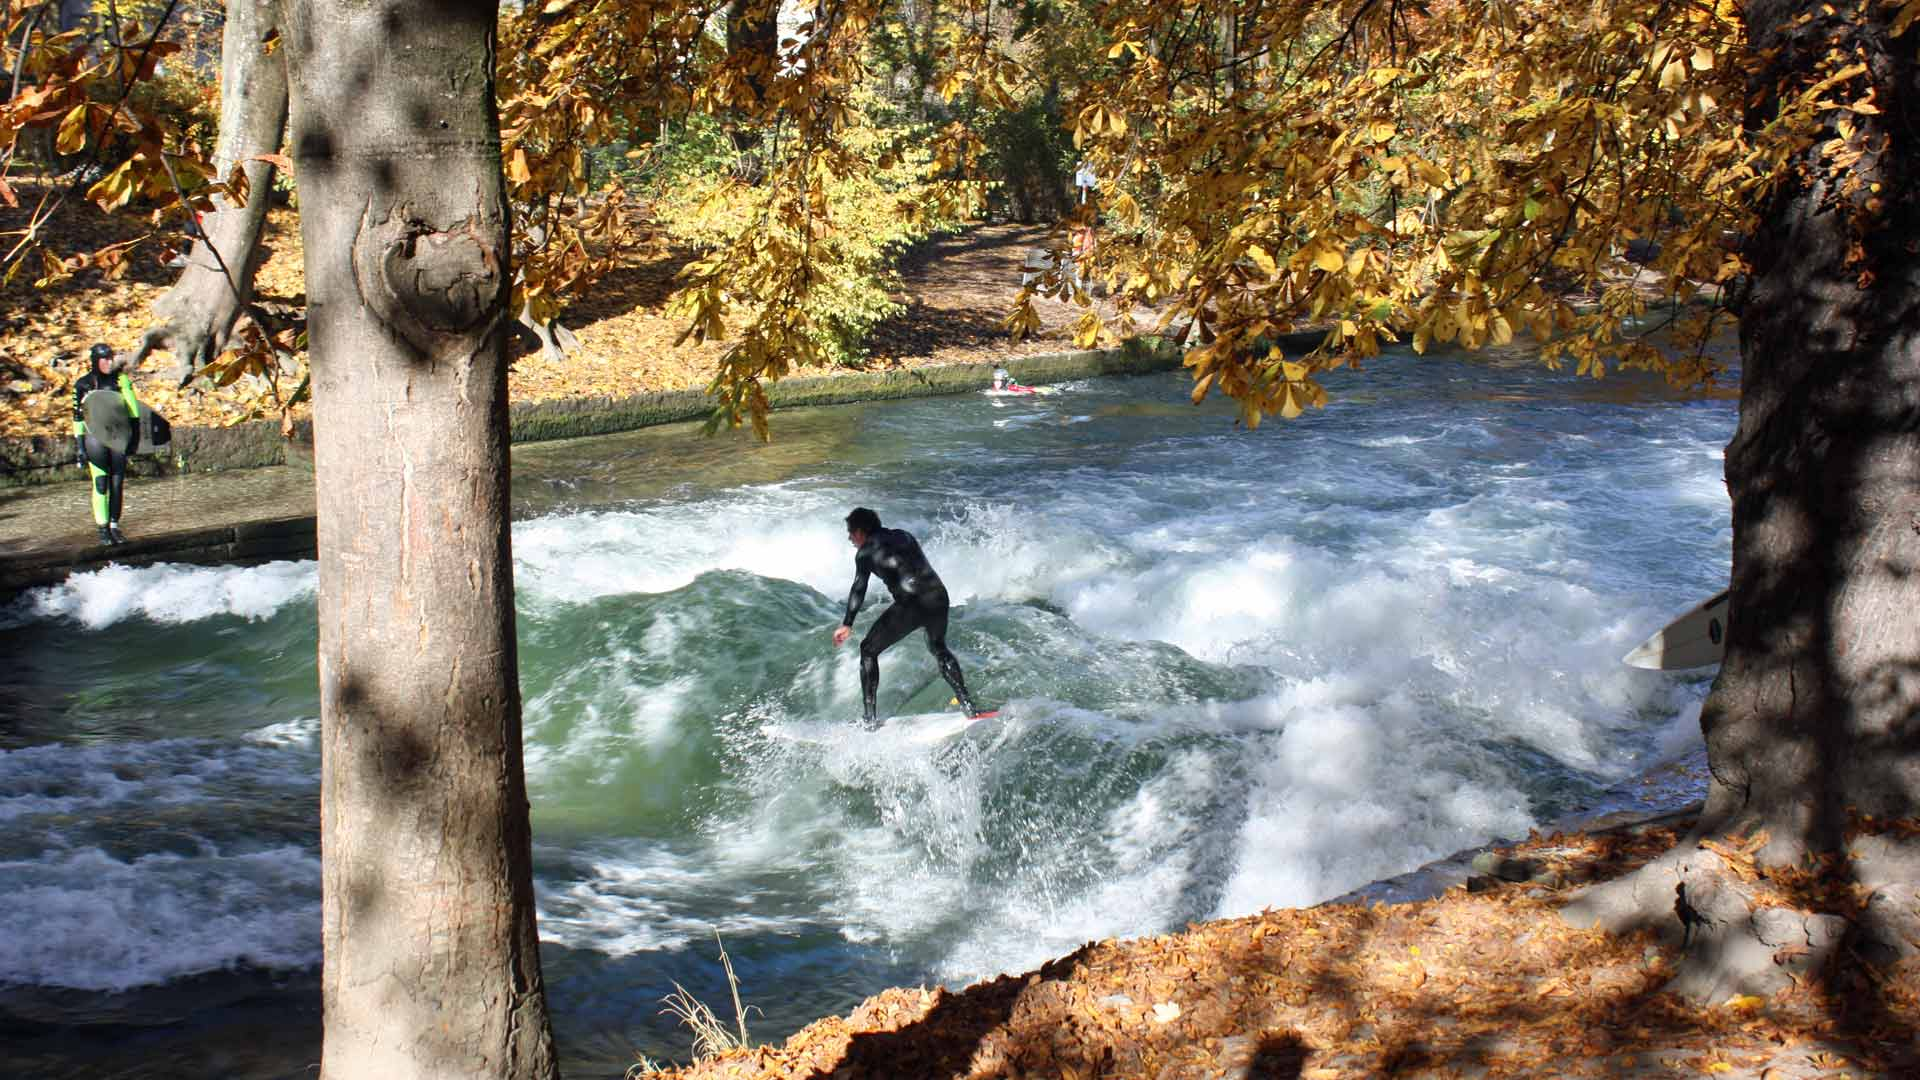 Het hele jaar door wordt er gesurfd op de Eisbach in de Englischer Garten in München.